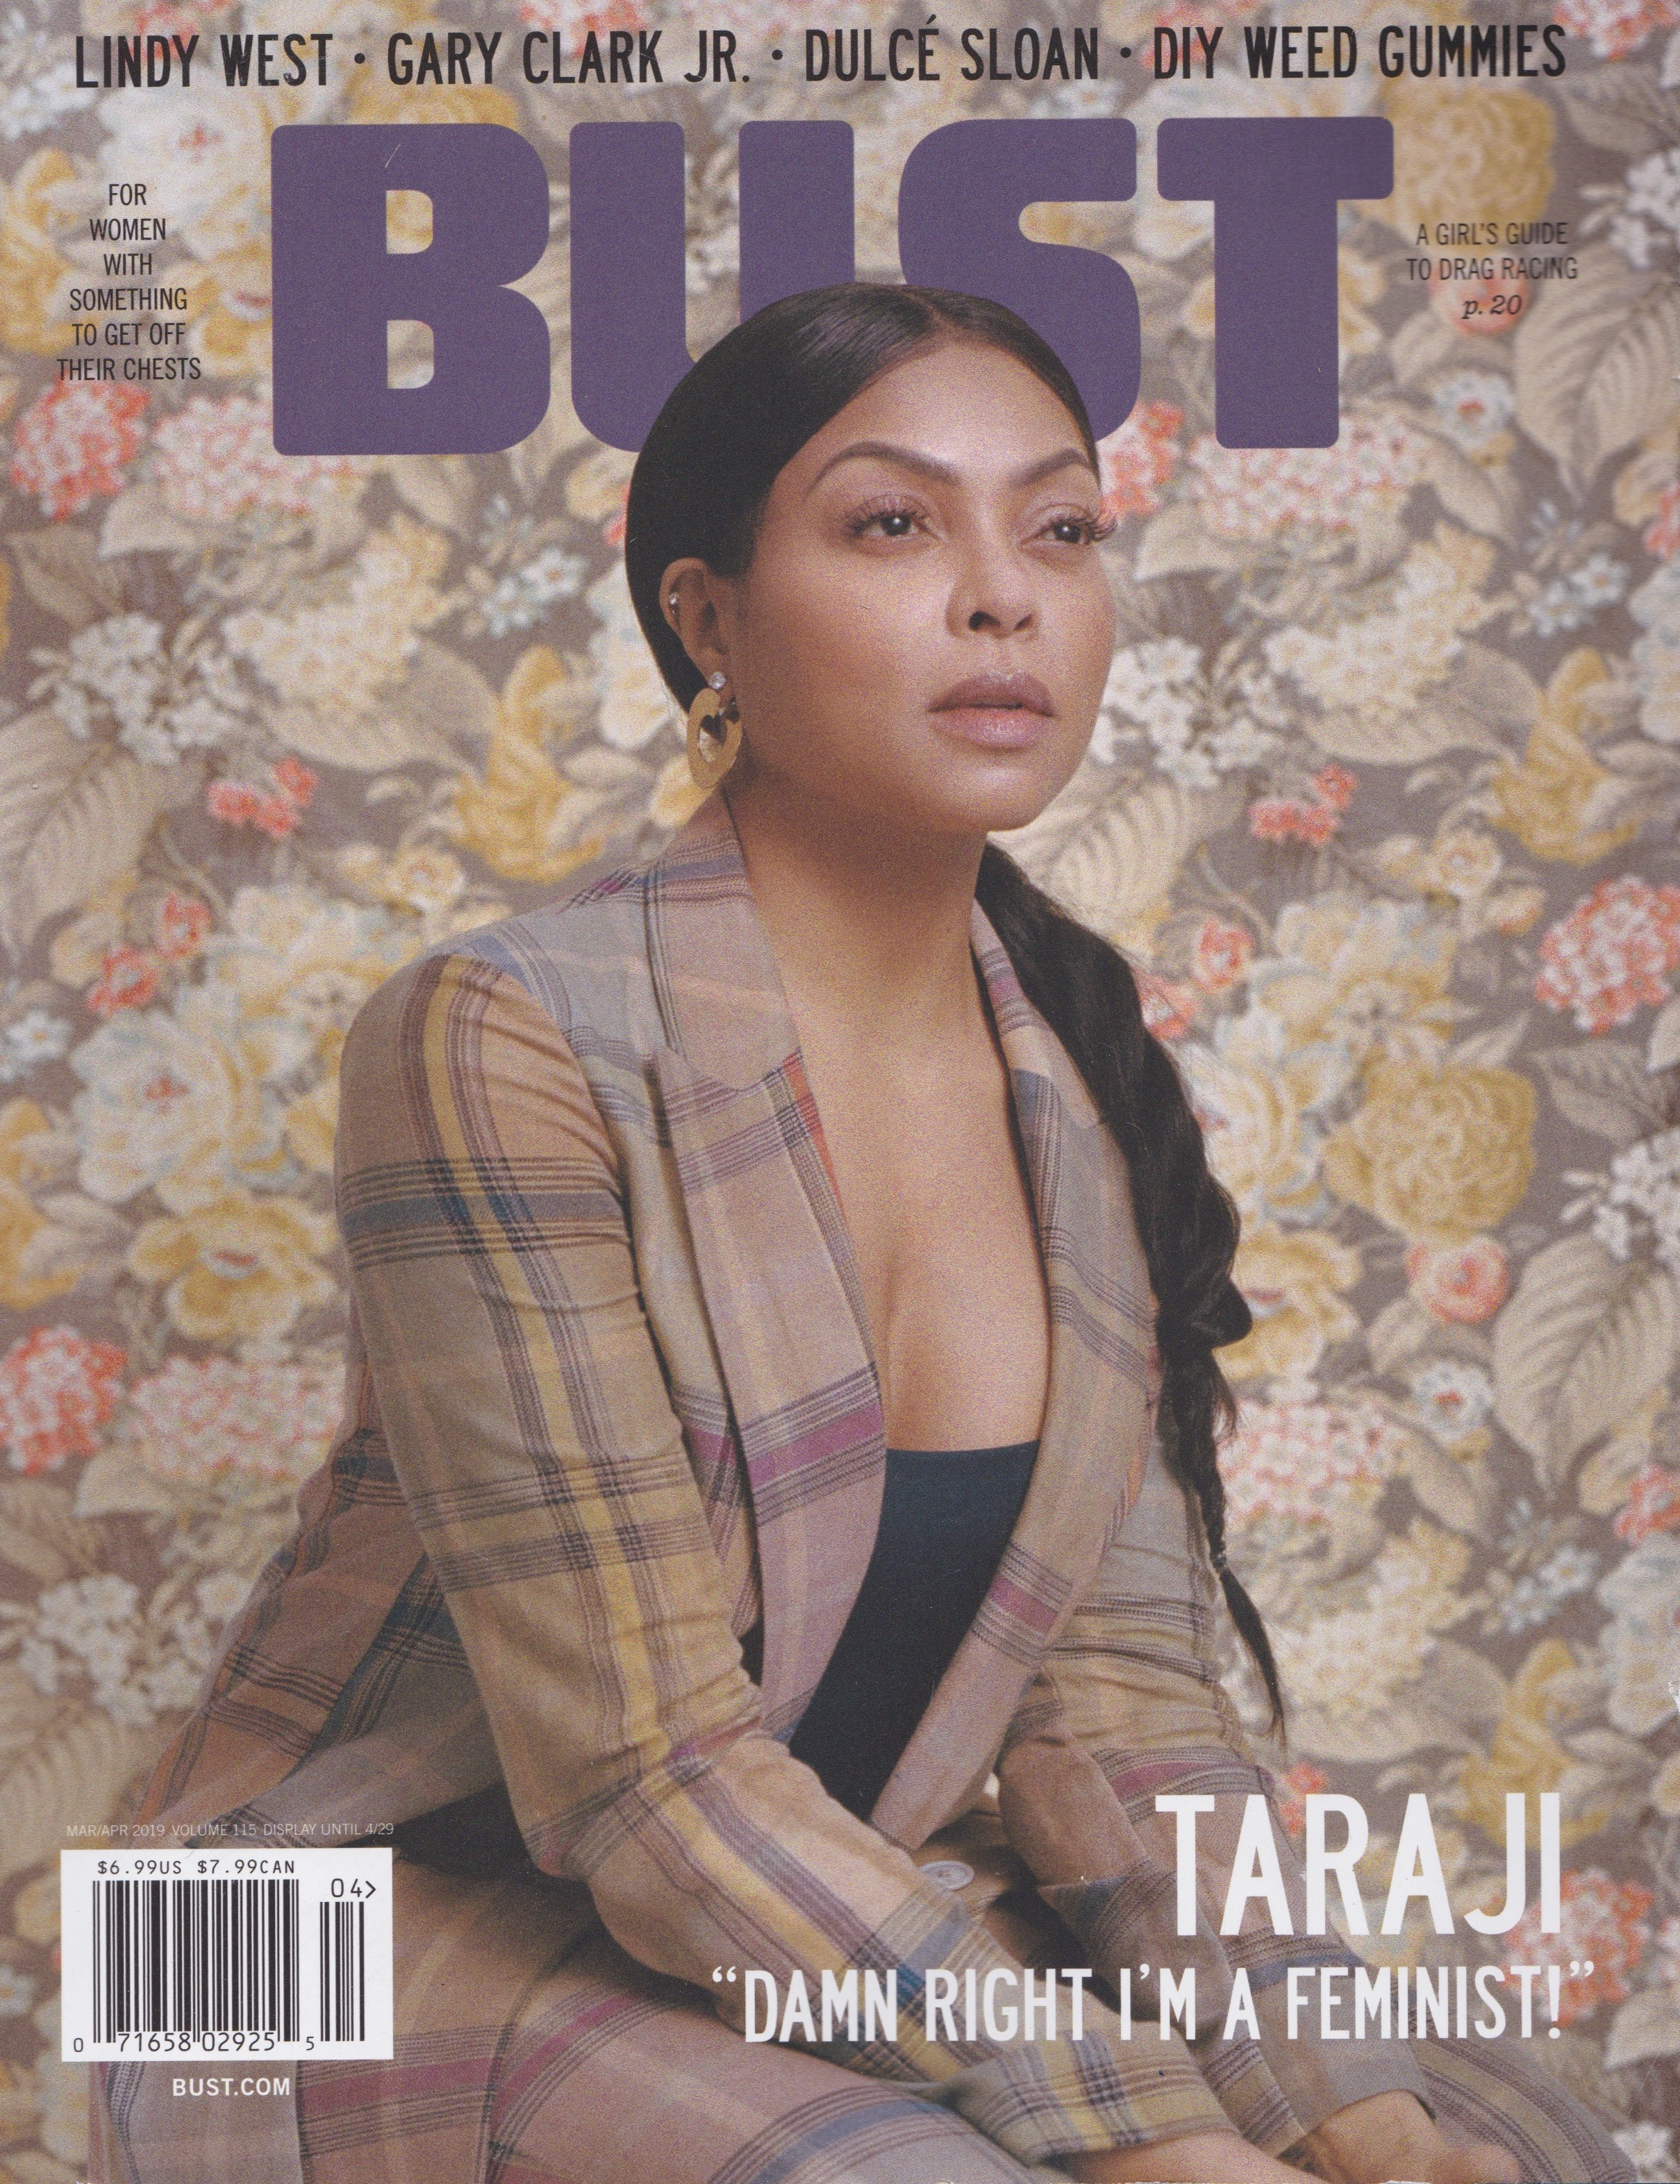 Bust Mag March 2019 - Morongo Basin pg1.jpeg